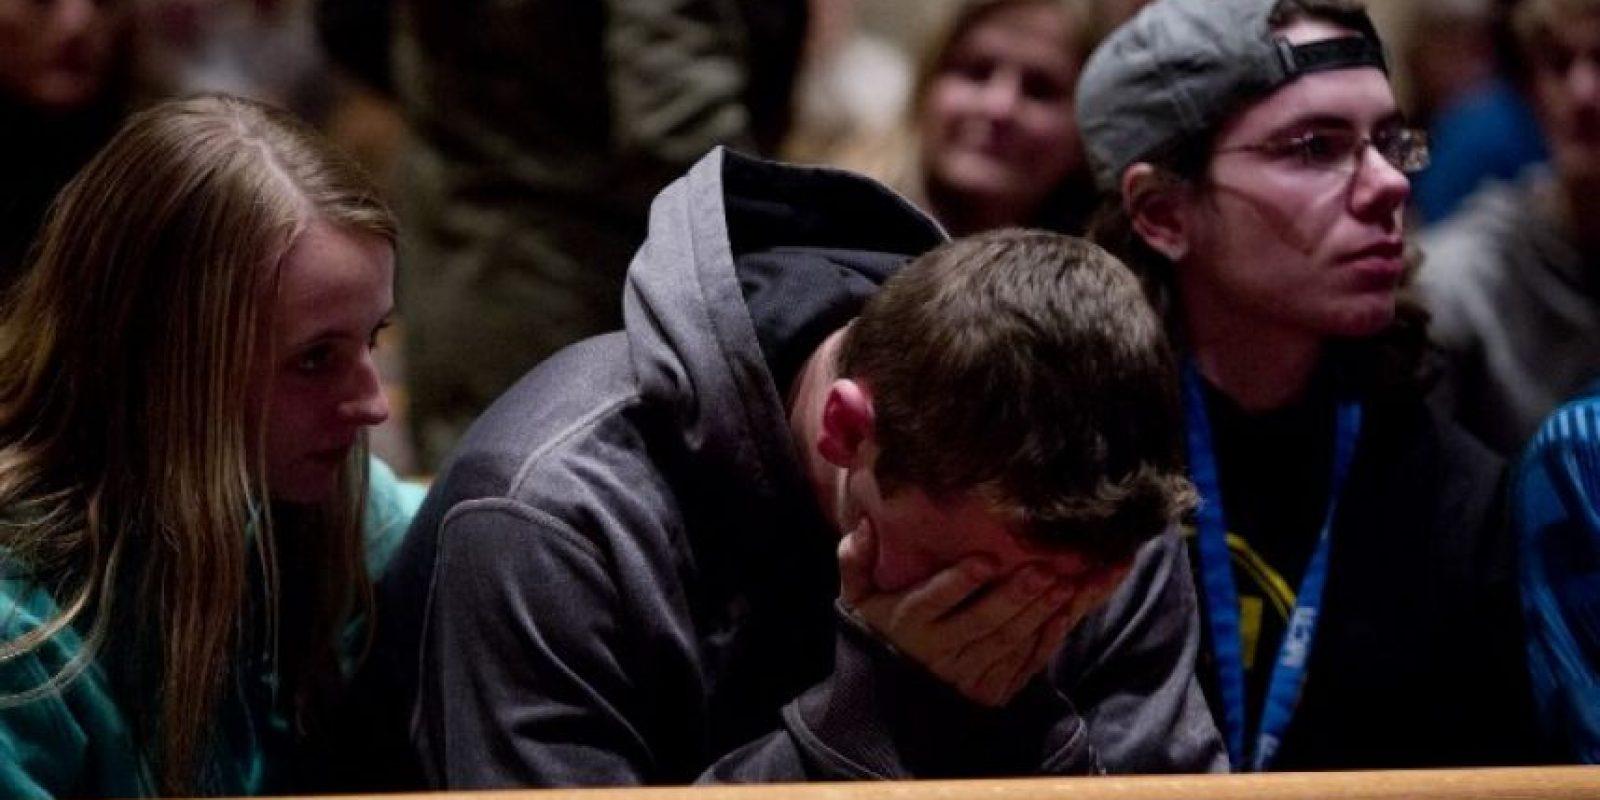 Familiares de las víctimas de los ataques en Míchigan se lamentan en una ceremonia, en Kalamazoo. Foto:AFP